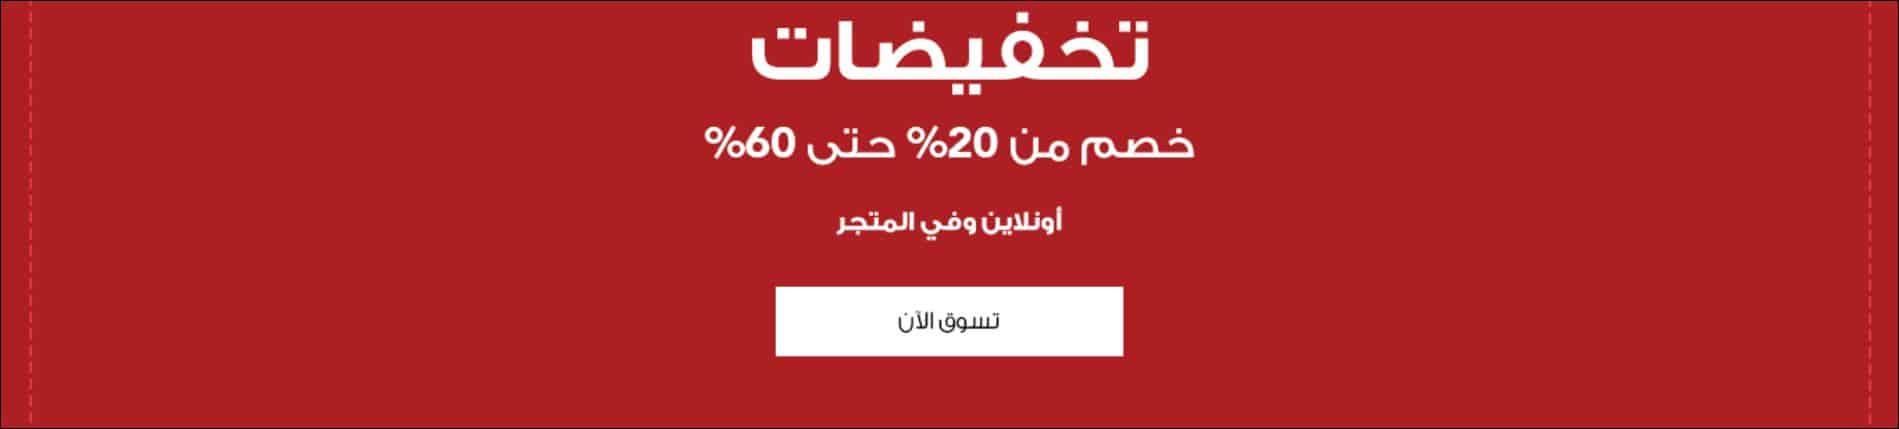 عروض متاجر السعودية 2019 سيتي ماكس تخفيضات